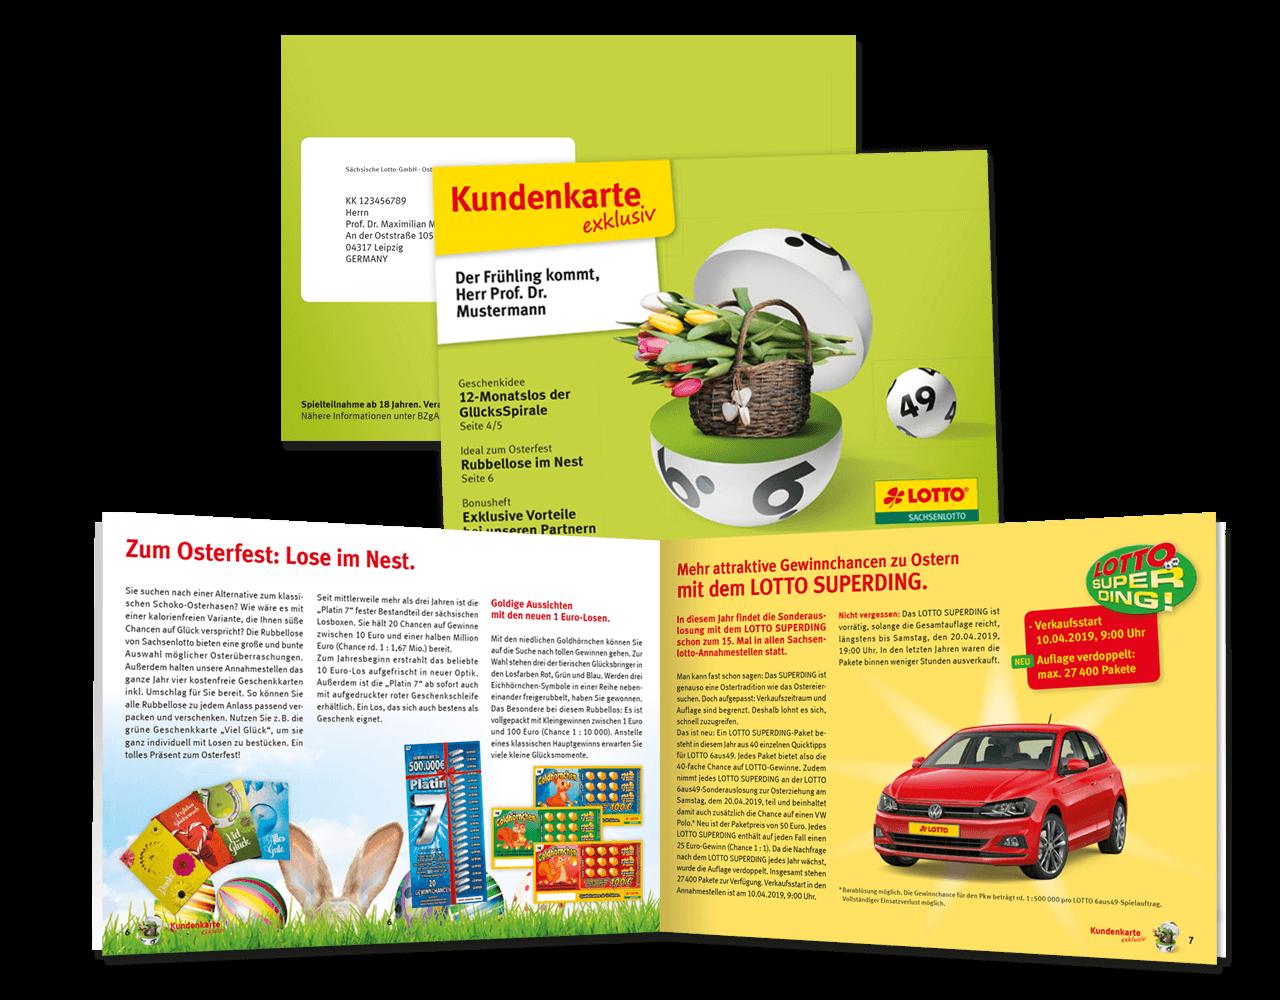 Saechsische Lotto Gmbh Kundenzeitschrift